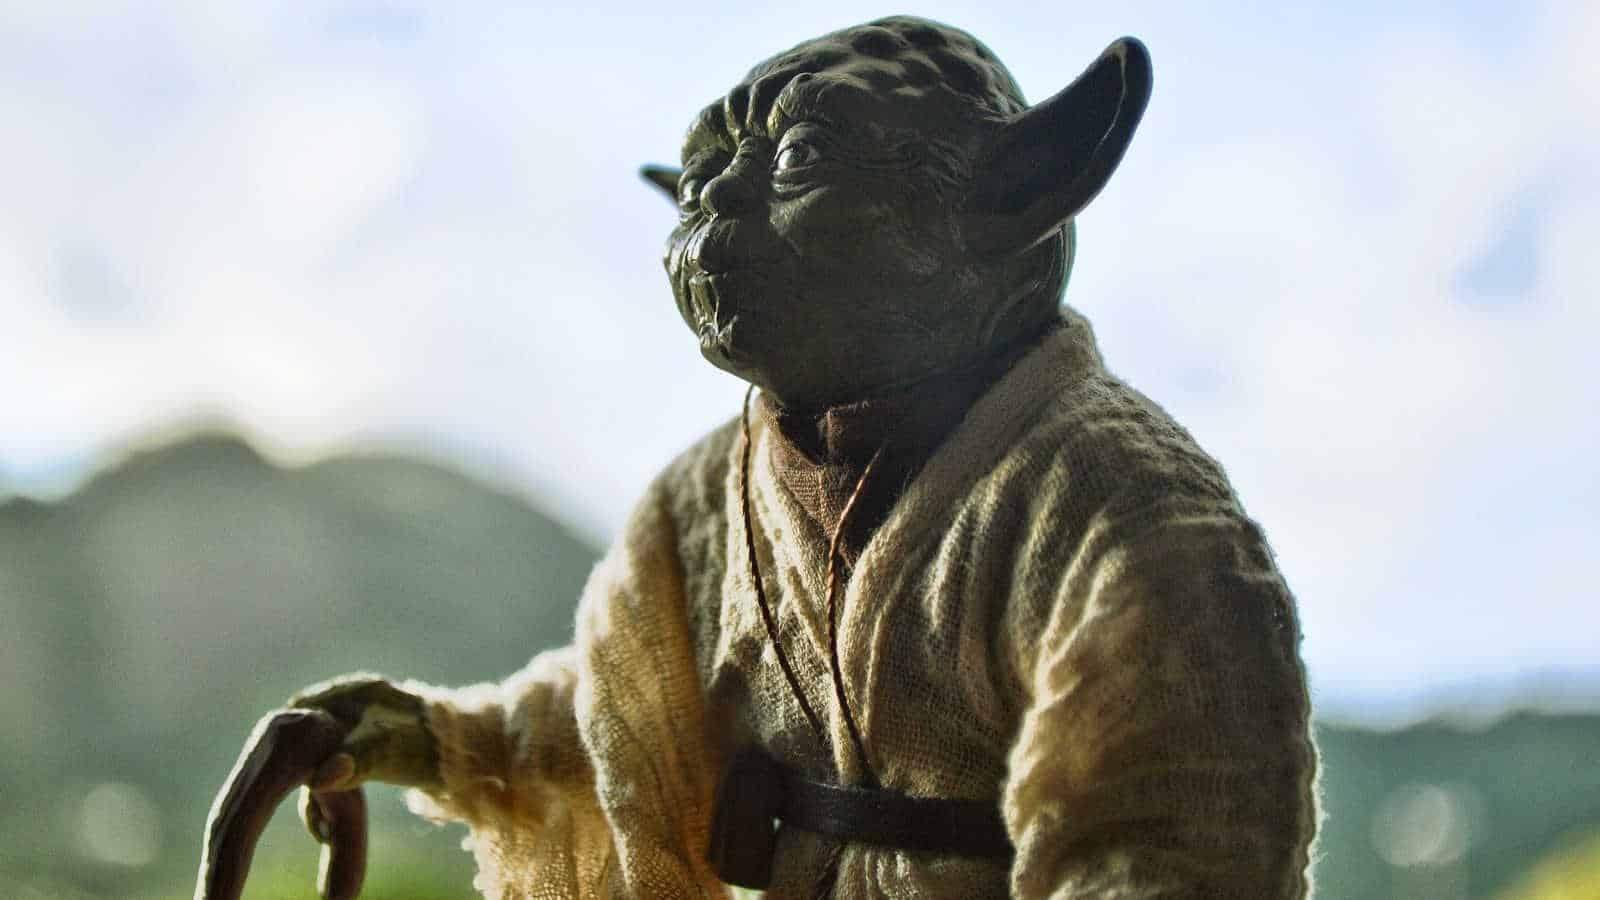 Yoda Sprüche- 50+ der besten Yoda-Zitate und Sprüche | Lustig & Ernst